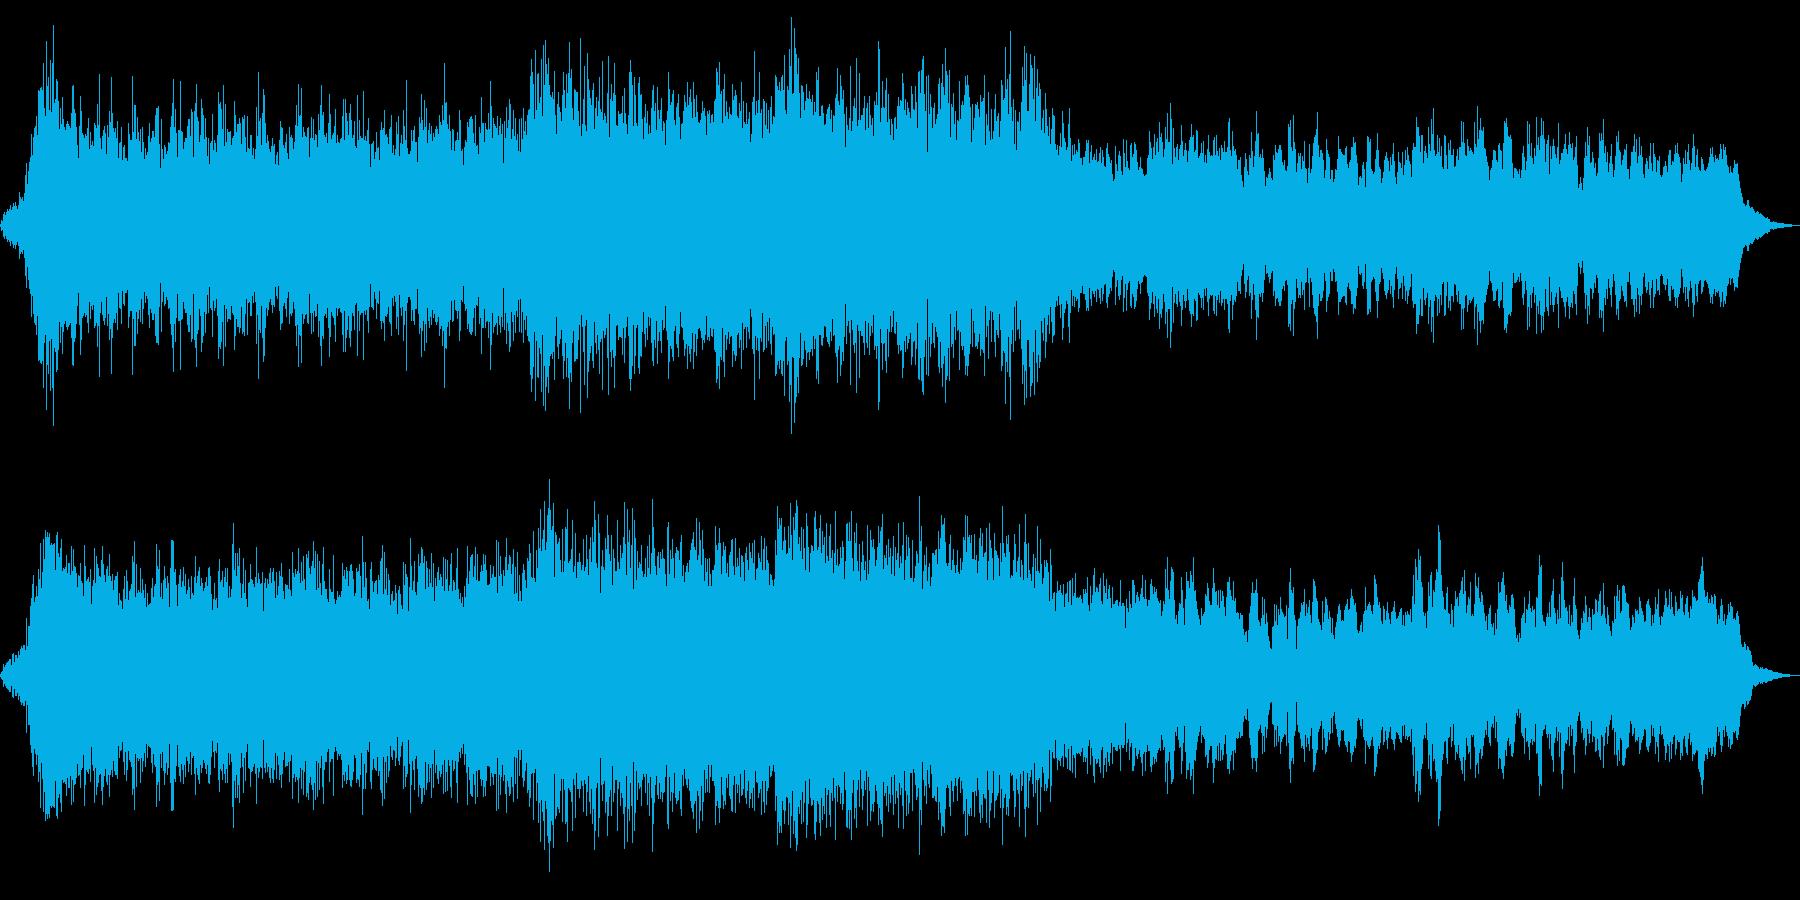 eスポーツハリウッド風オーケストラの再生済みの波形